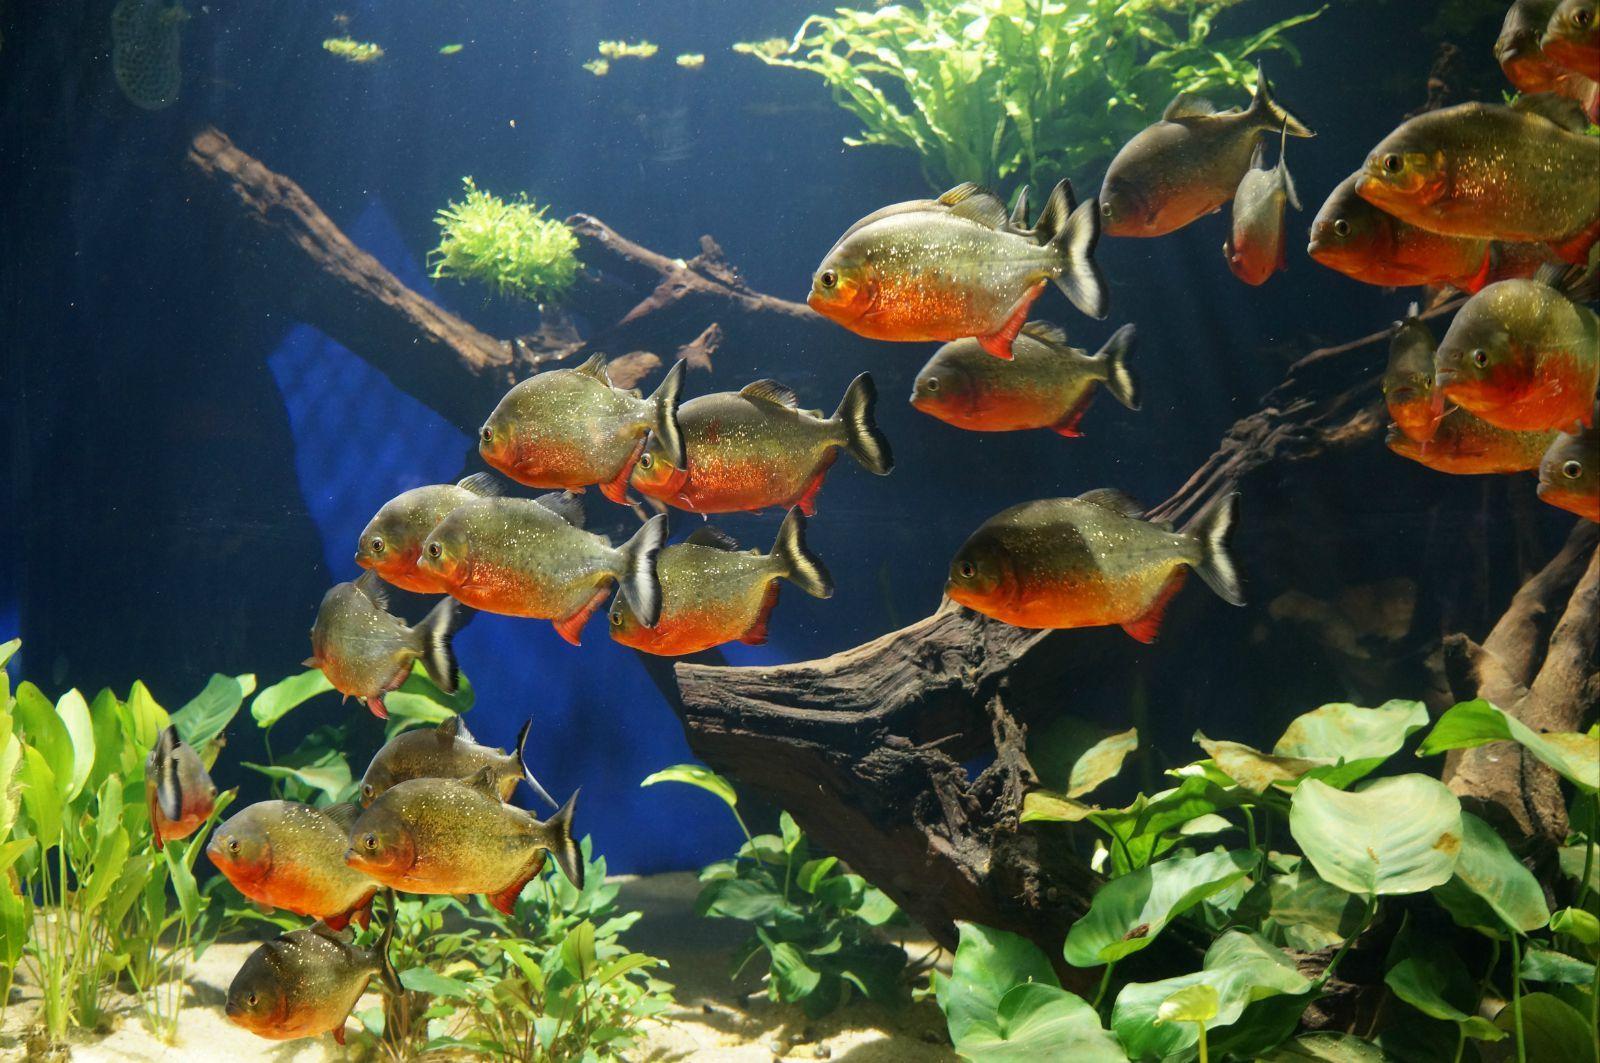 去过北京动物园海洋馆或者大连老虎滩海洋公园的朋友,可以忽略这个